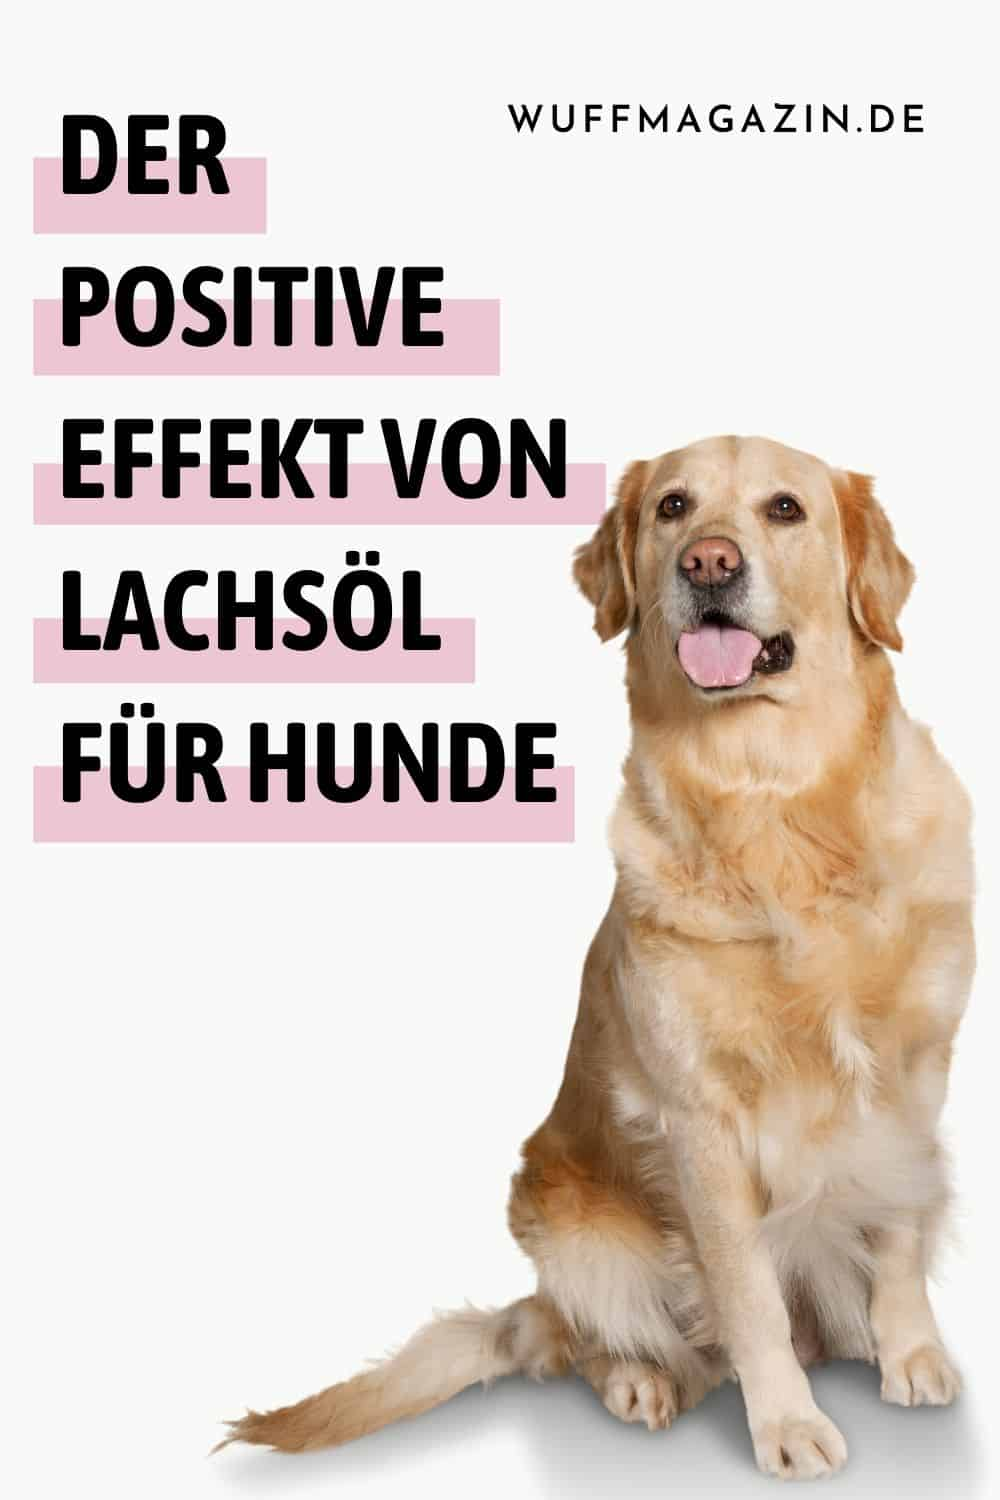 Der positive Effekt von Lachsöl für Hunde